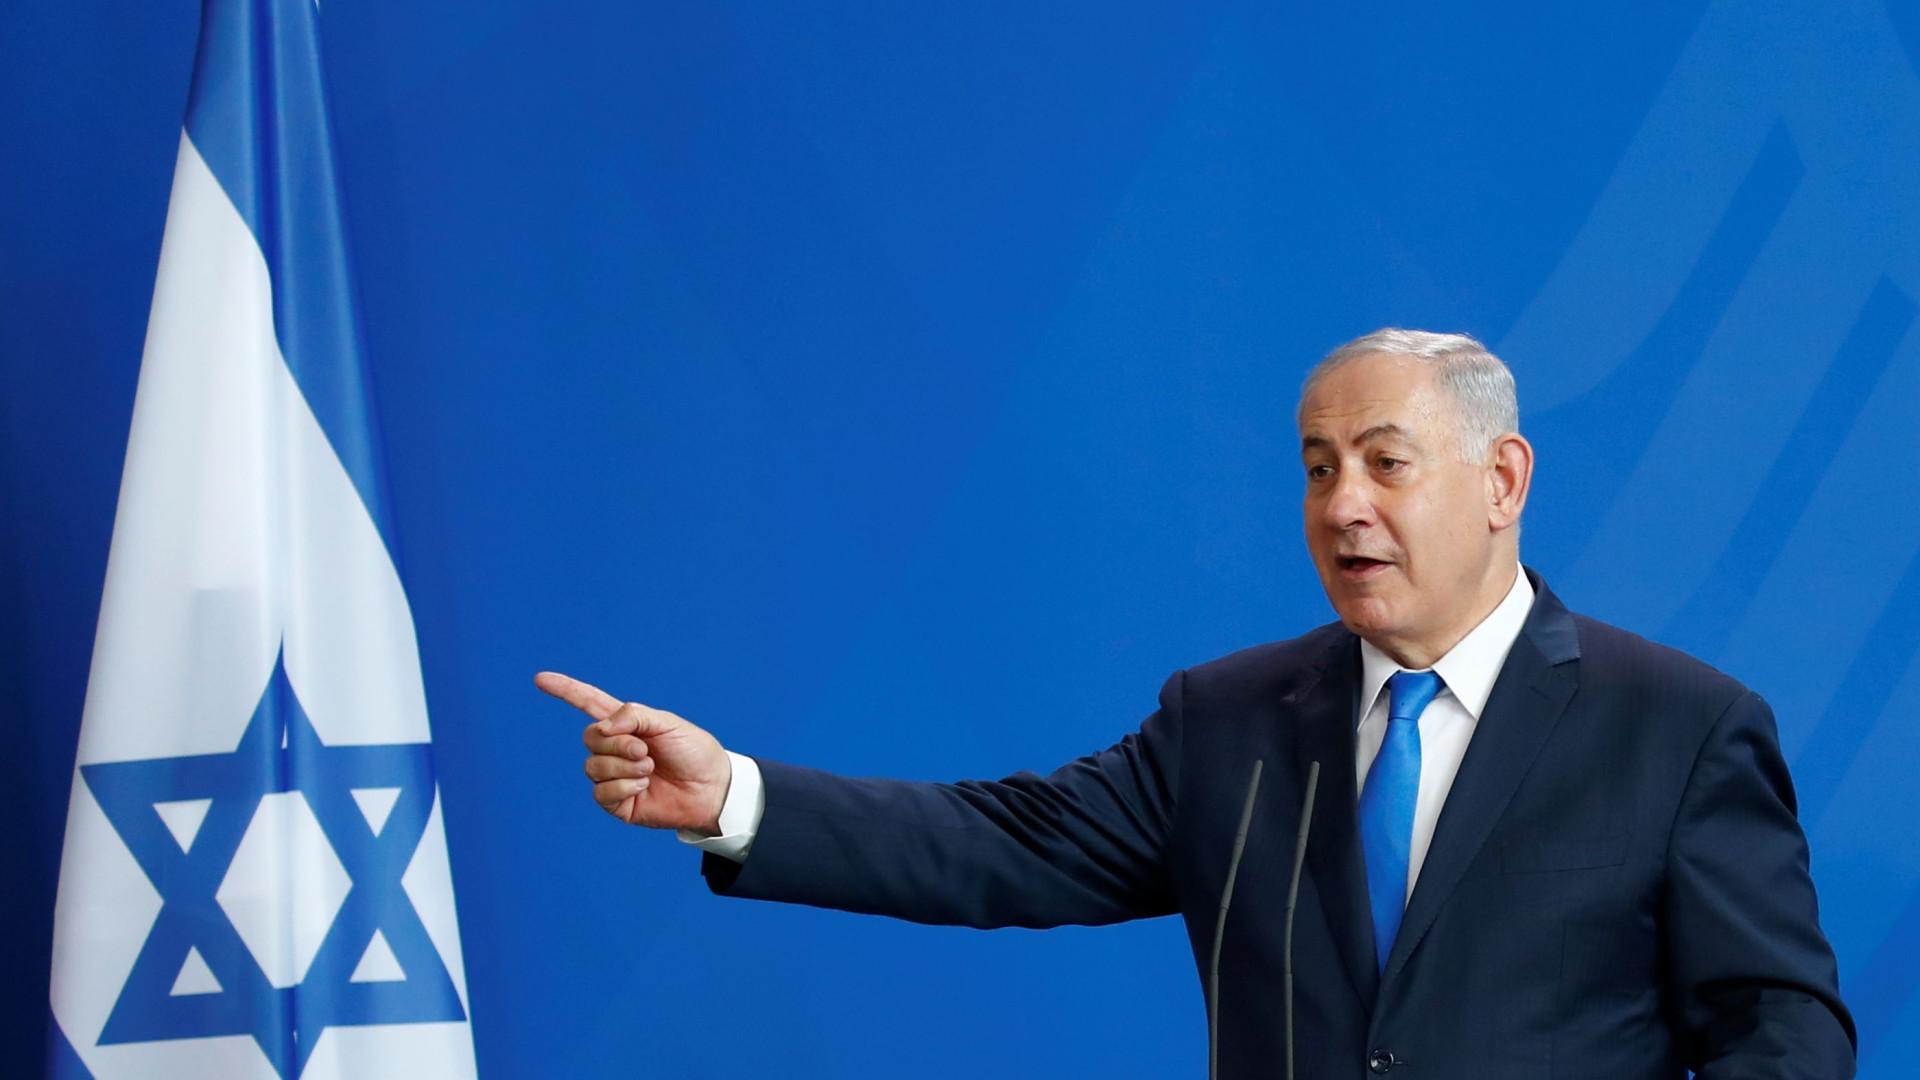 Netanyahu e líder muçulmano da Indonésia reúnem-se num encontro surpresa